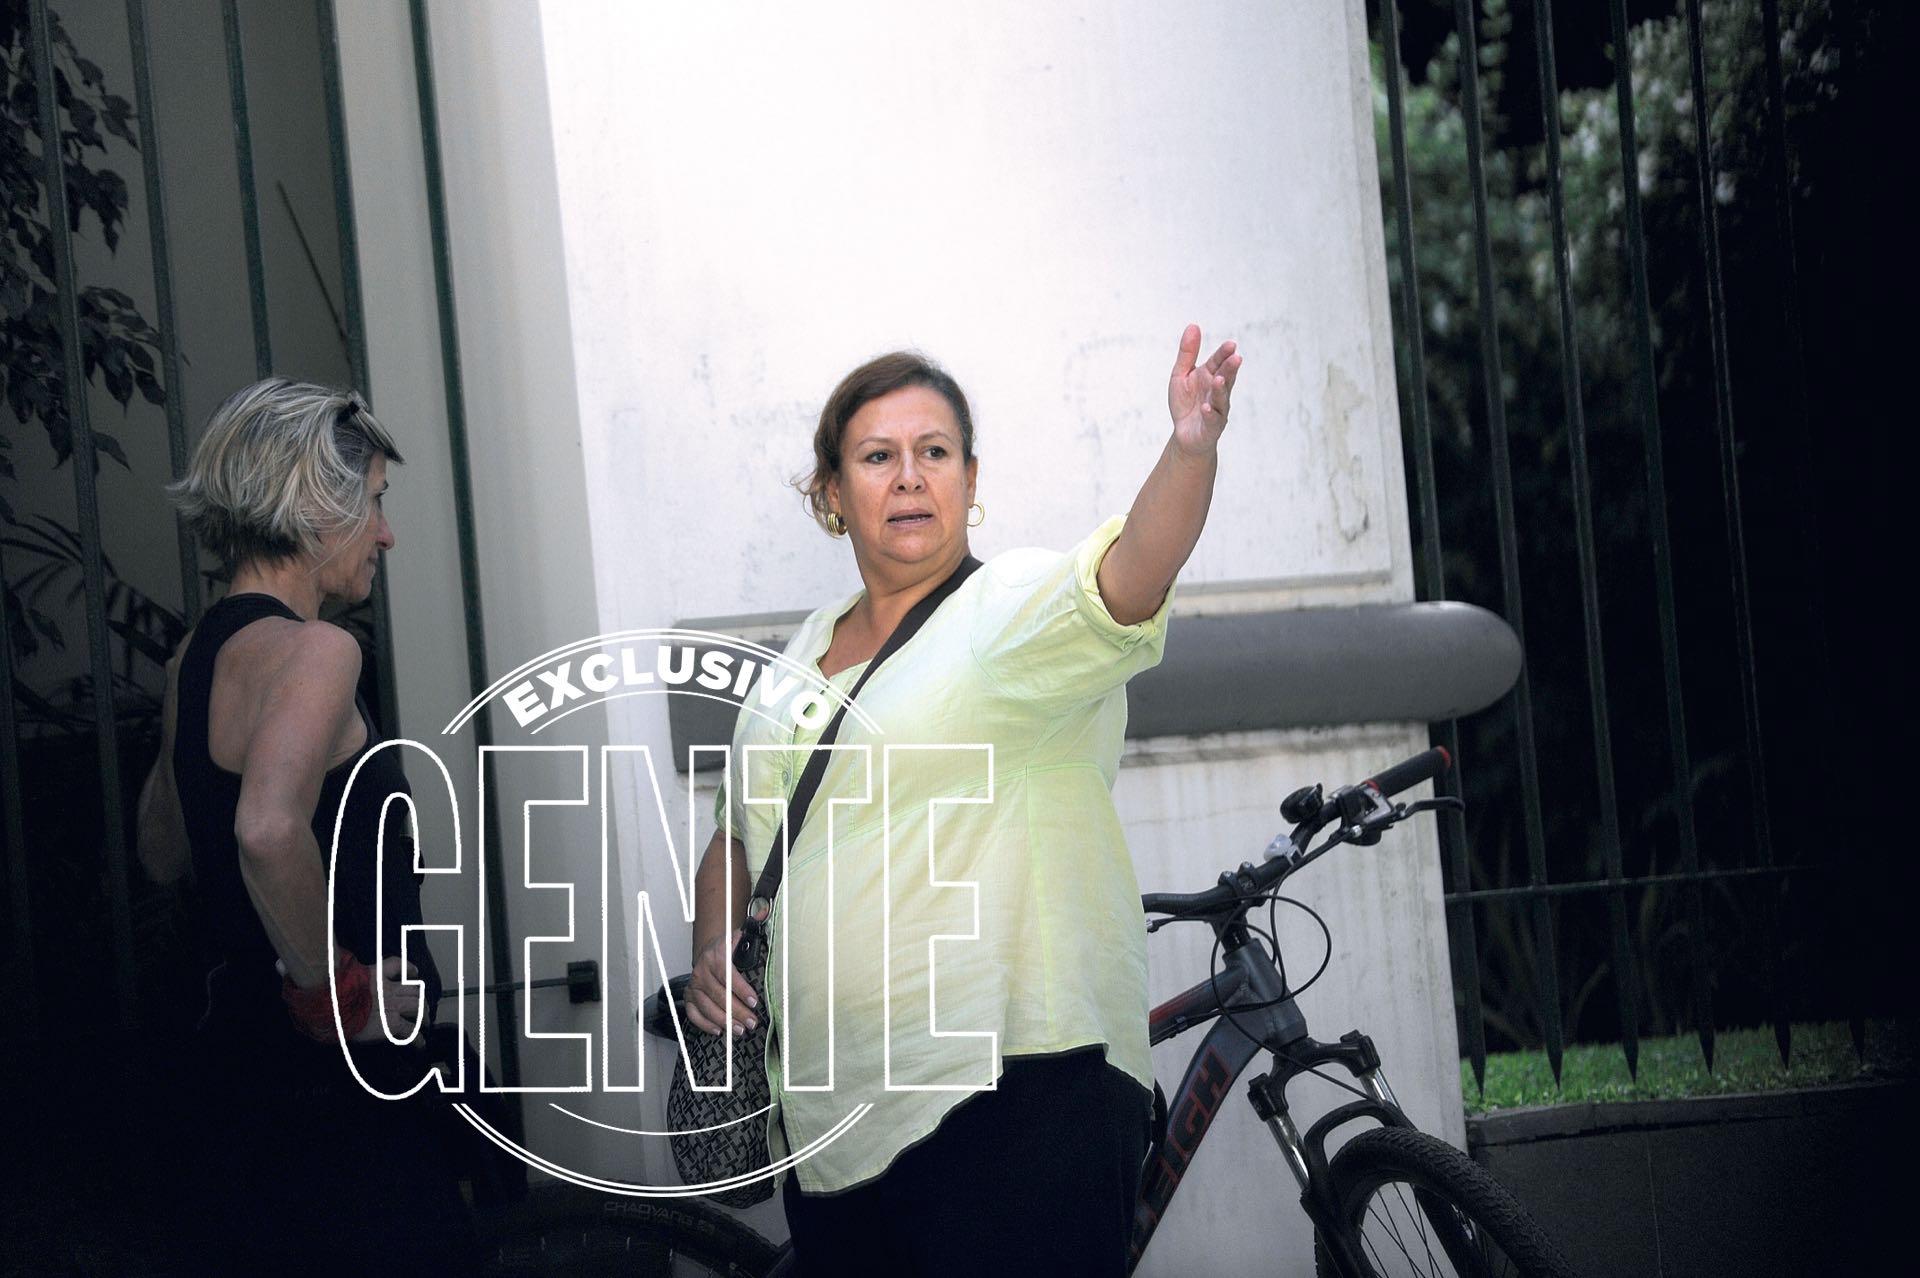 María Isabel Santos Caballero, la viuda de Pablo Escobar pasea por Palermo a días de presentarse en la justicia, habla con los vecinos de Palermo (Enrique García Medina/GENTE)